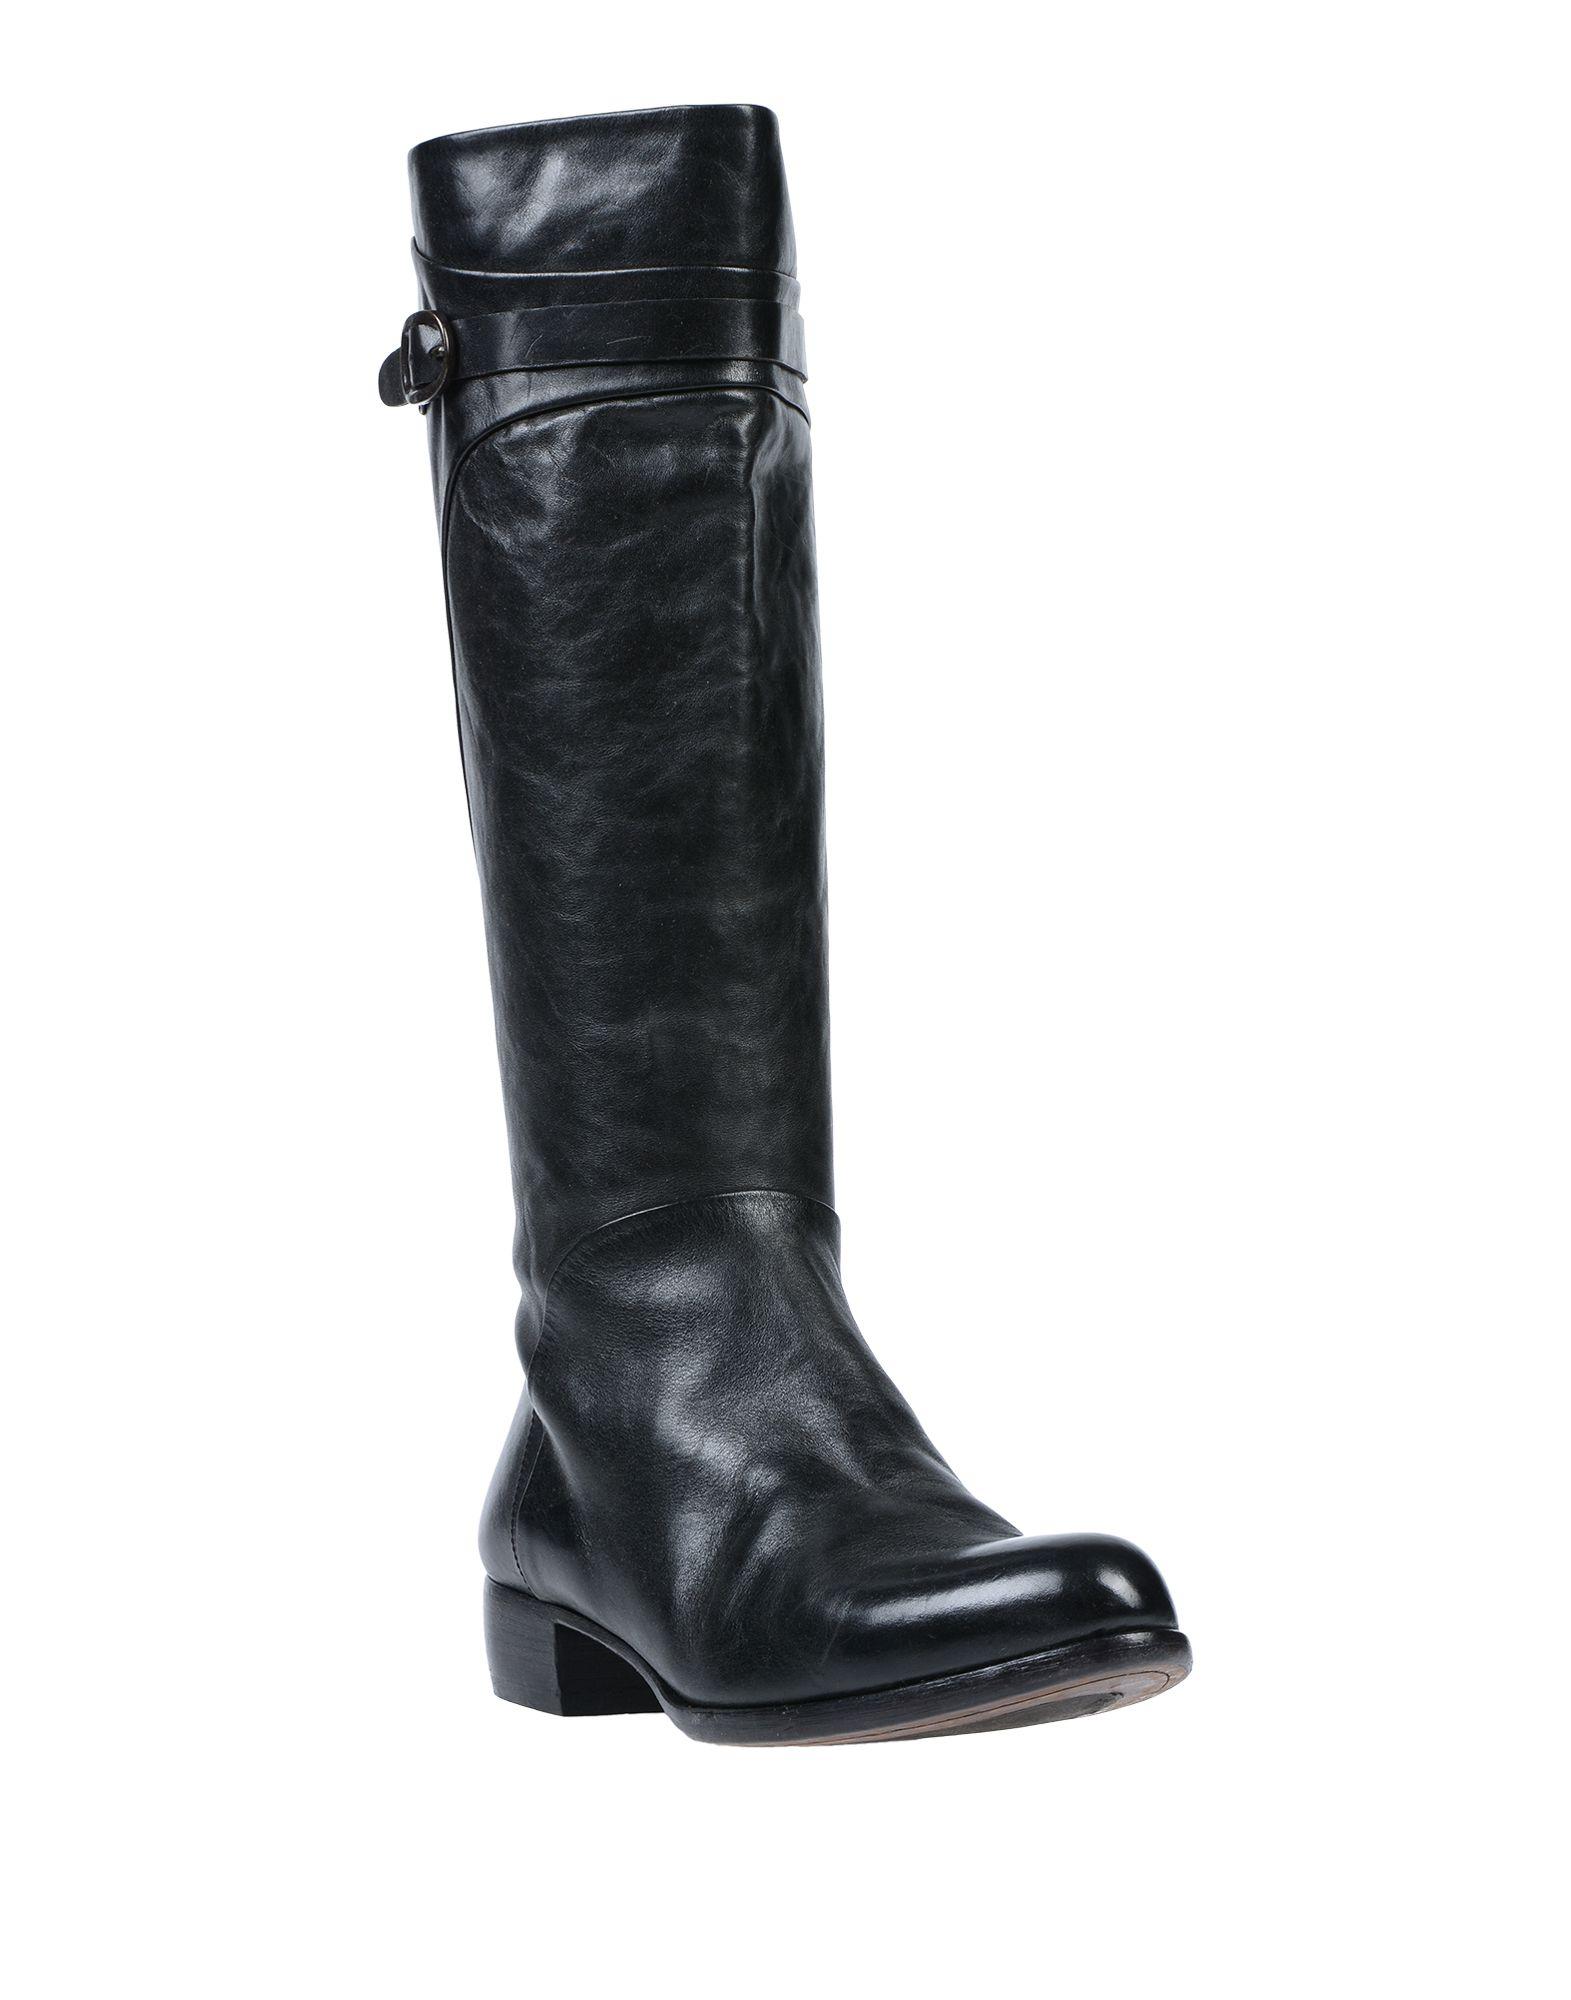 Ink Stiefel Damen Gutes Preis-Leistungs-Verhältnis, es lohnt sich sich lohnt a15604